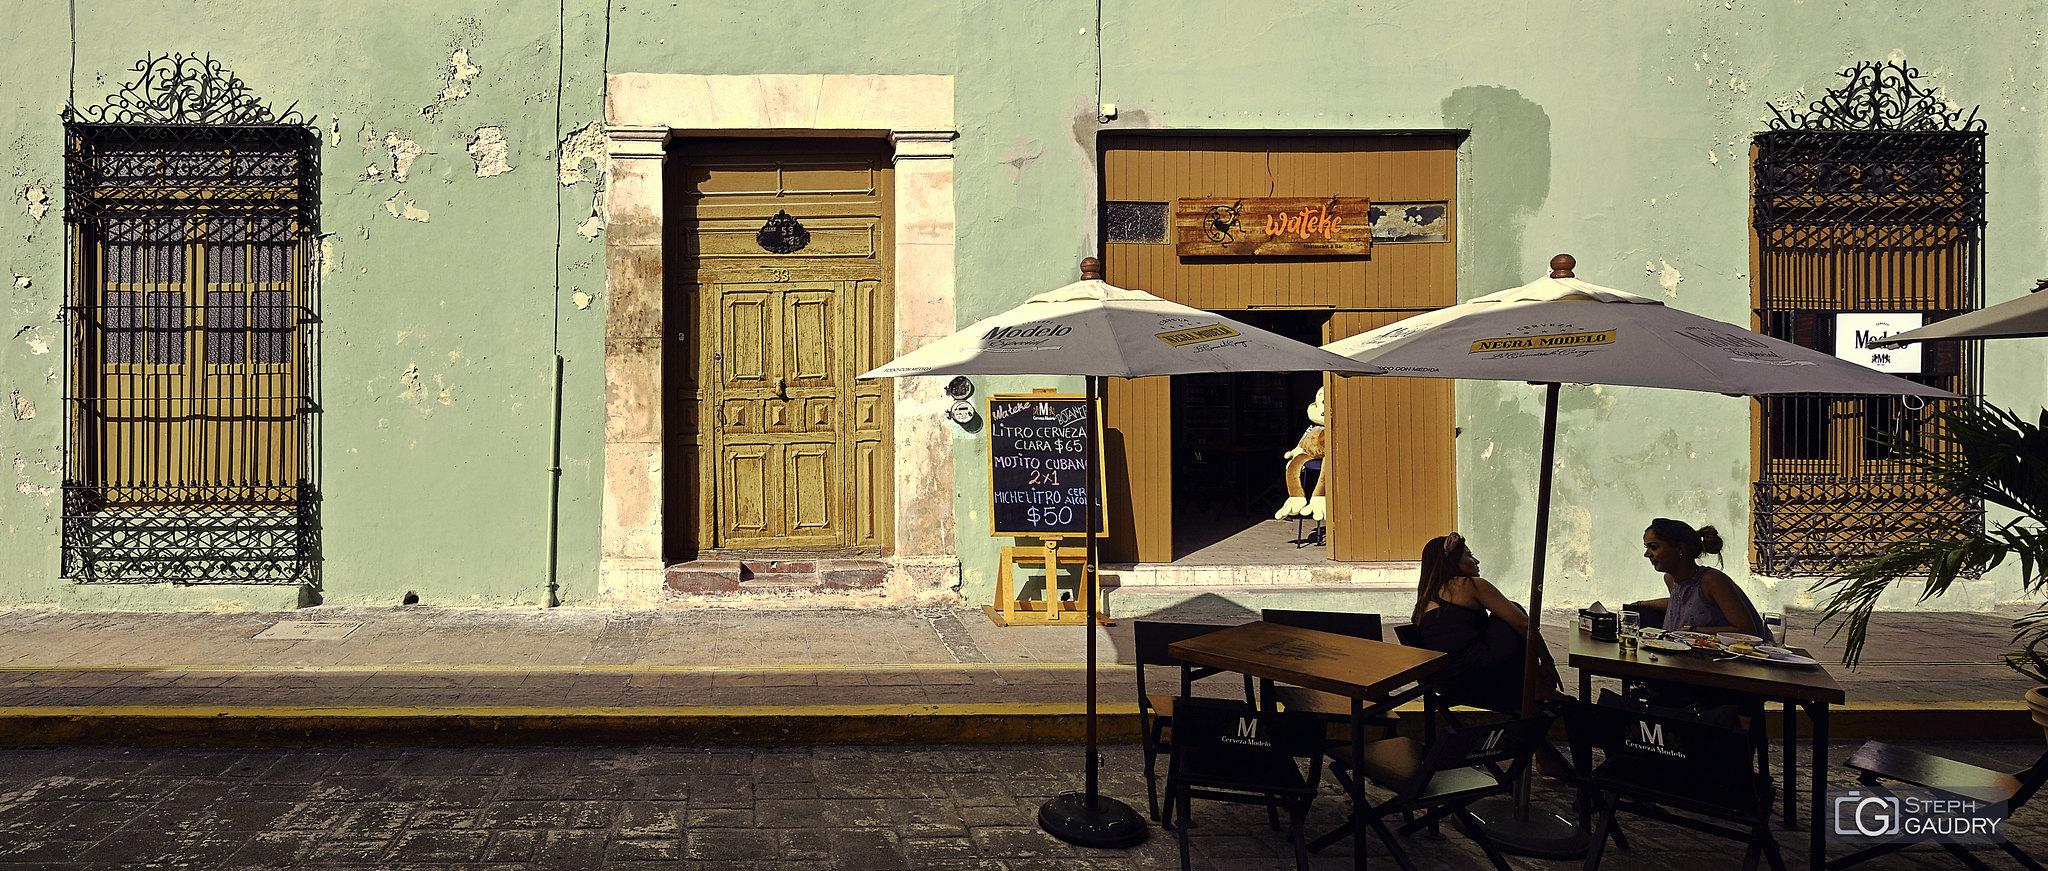 Wateke Campeche [Cliquez pour lancer le diaporama]